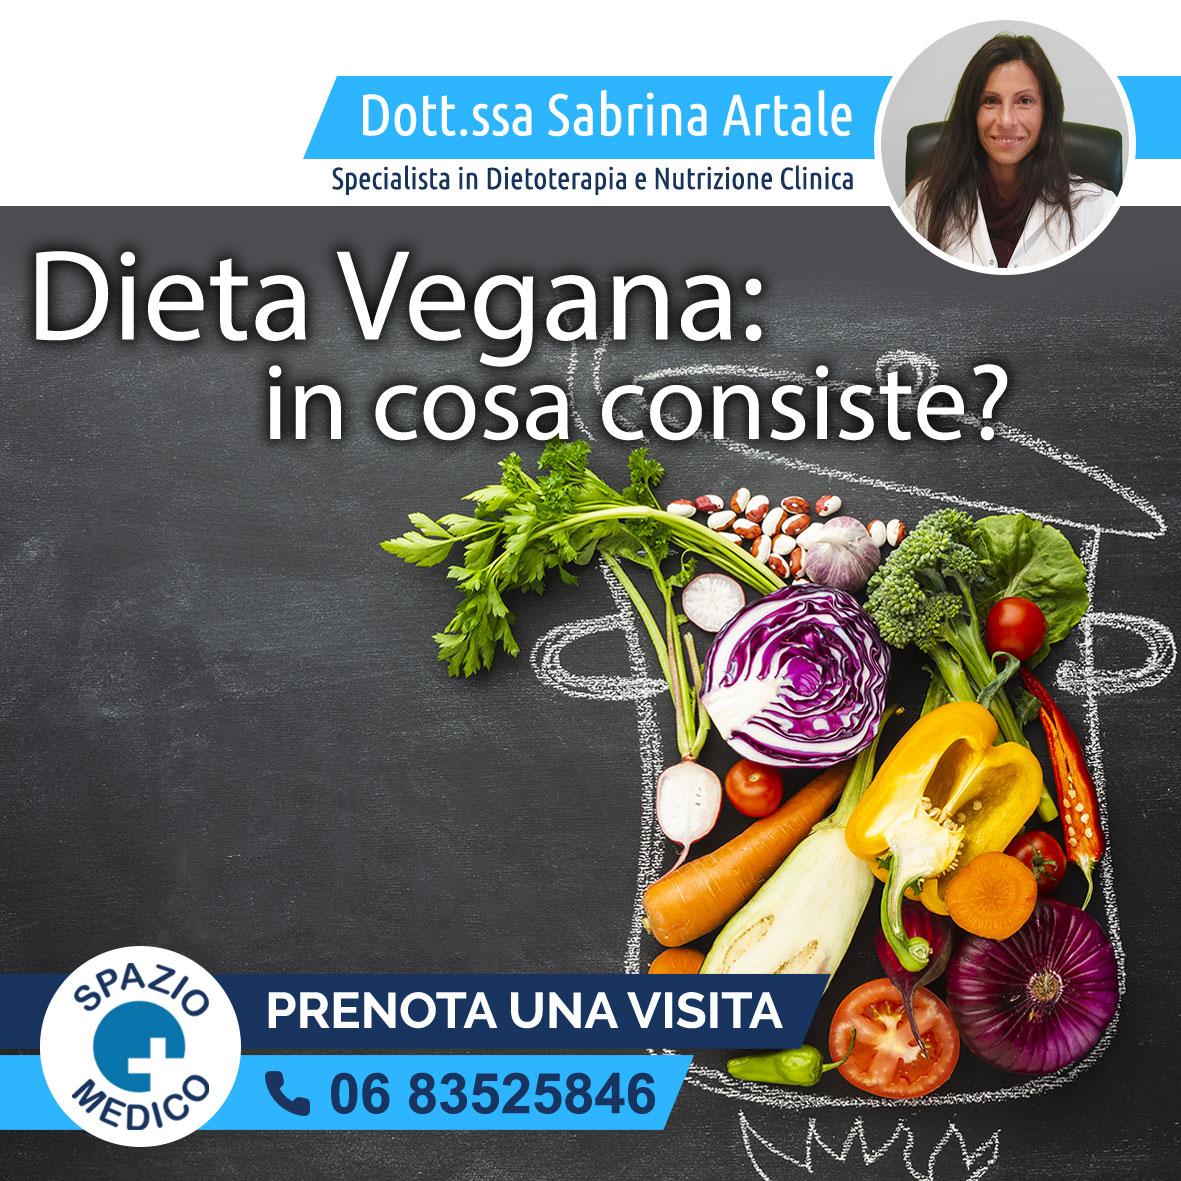 Dieta vegana Dott.ssa Sabrina Artale